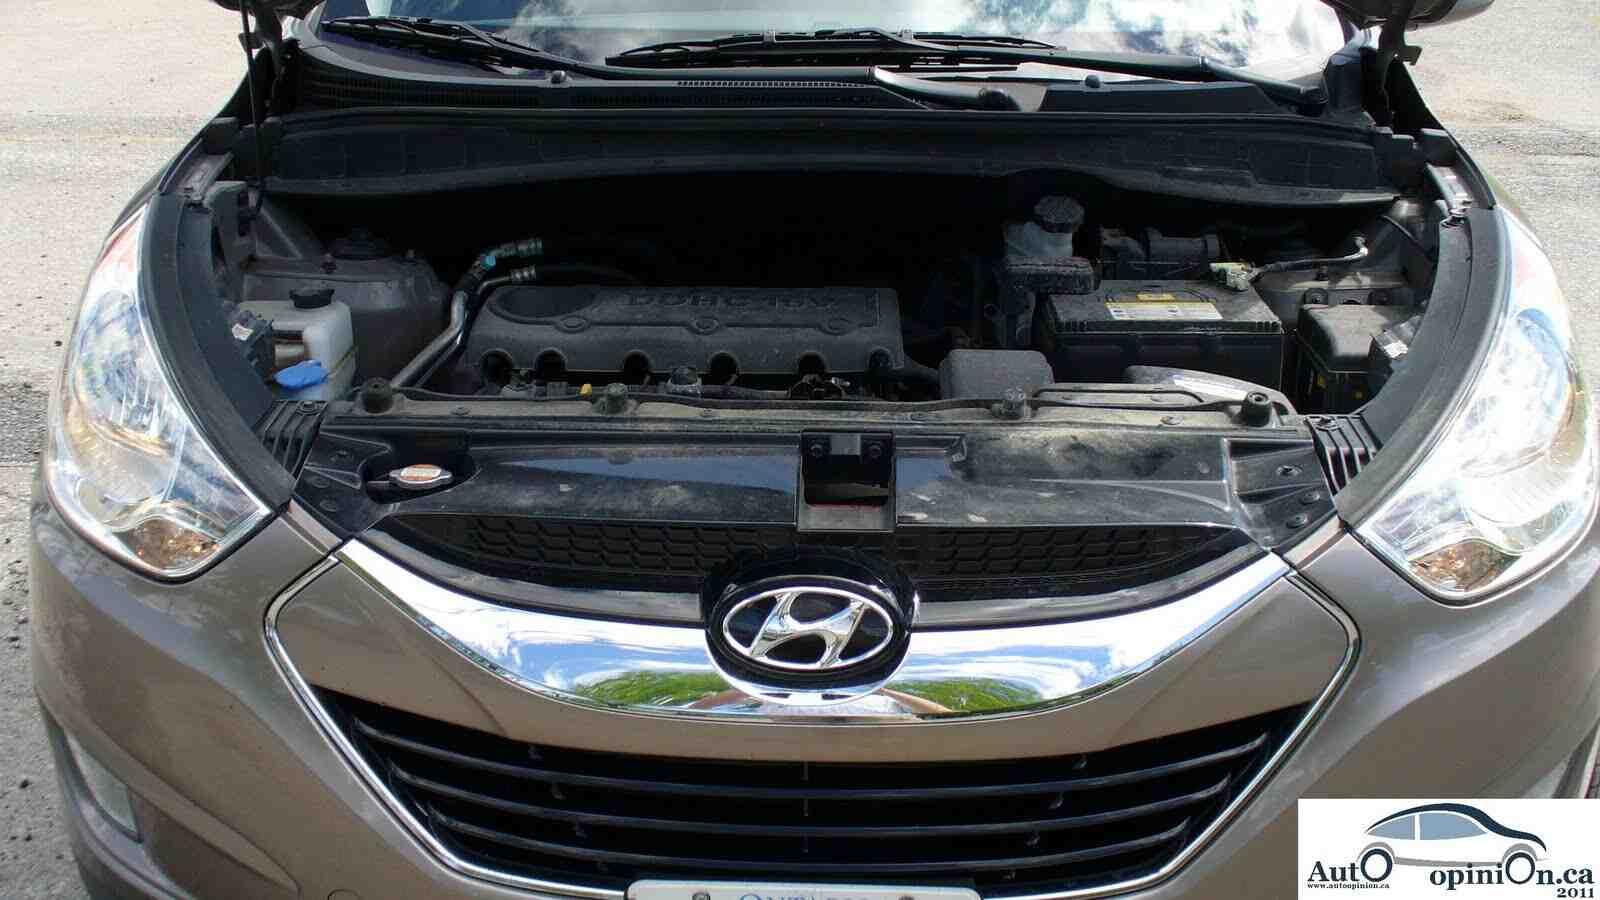 Quand remplacer la courroie de distribution Hyundai Tucson?